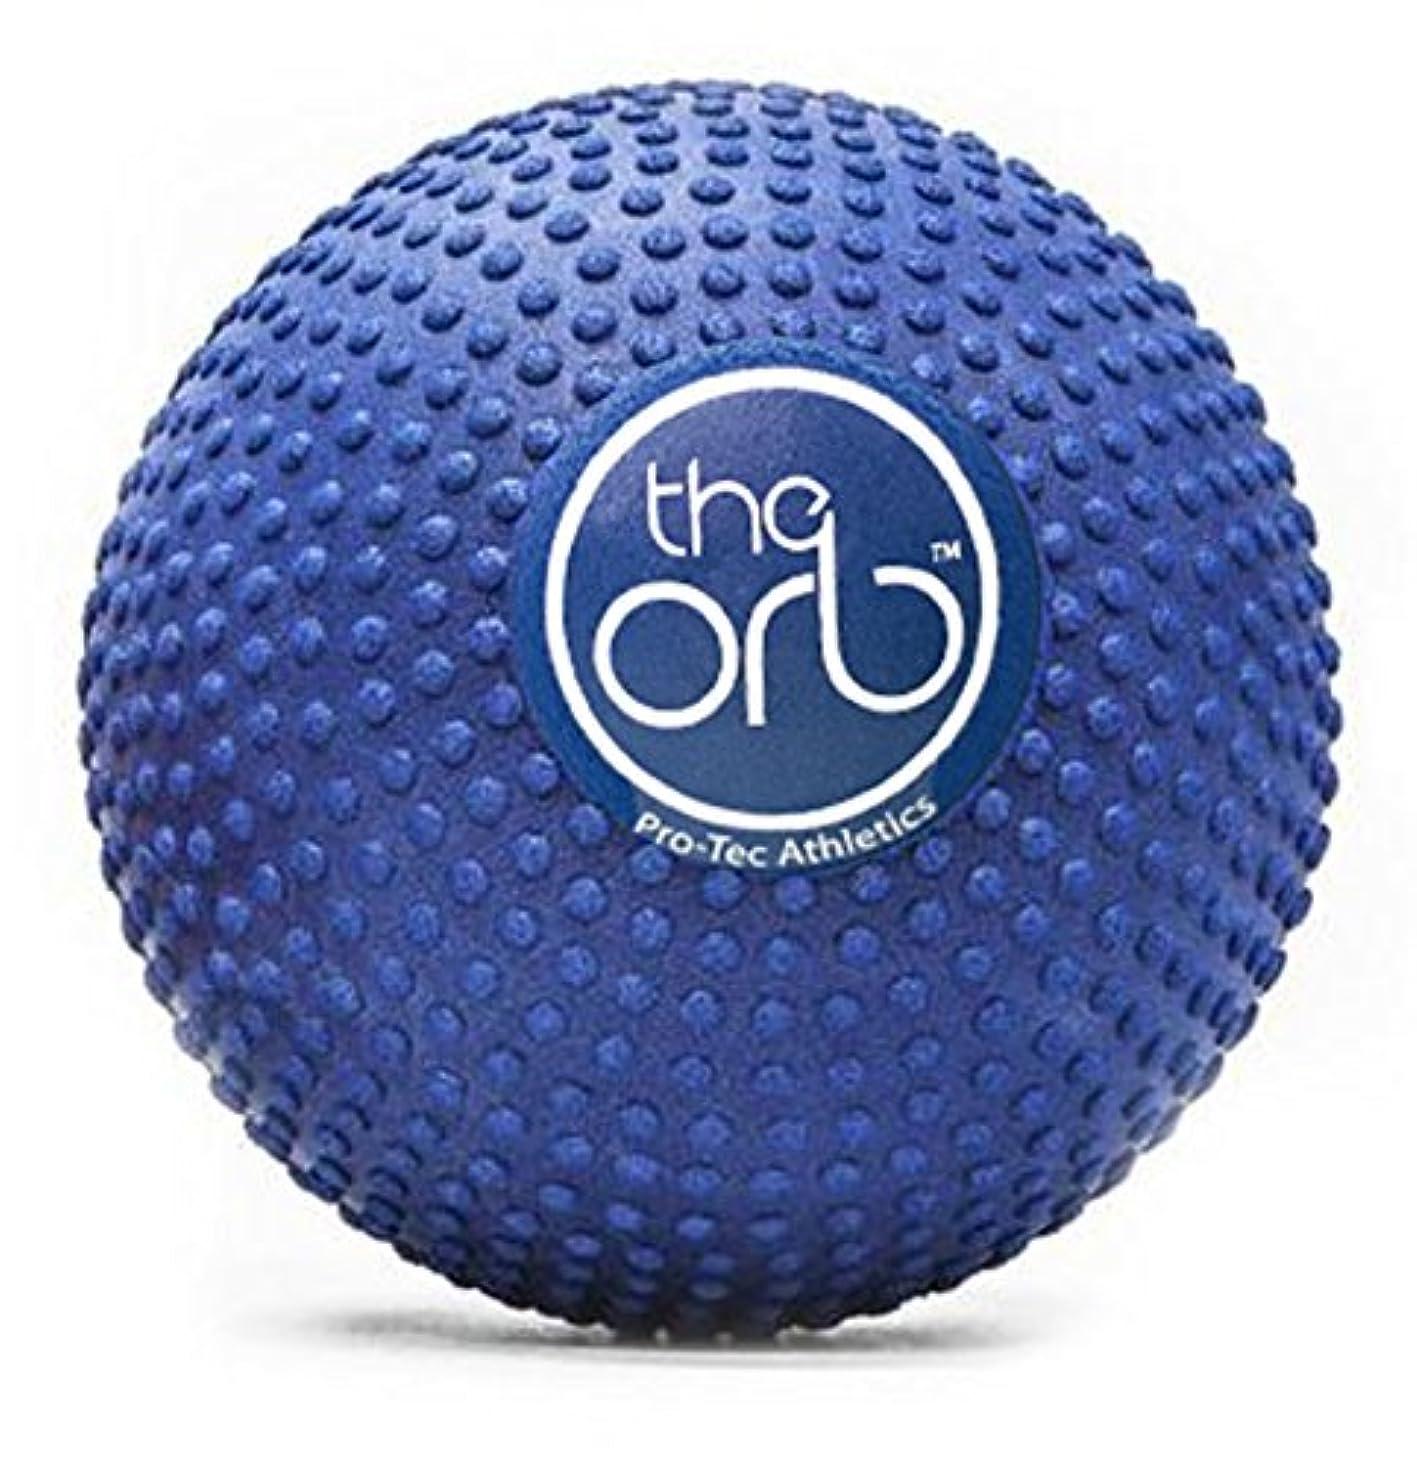 野心フィルタルーキーPro-Tec Athletics(プロテックアスレチックス) The Orb 5